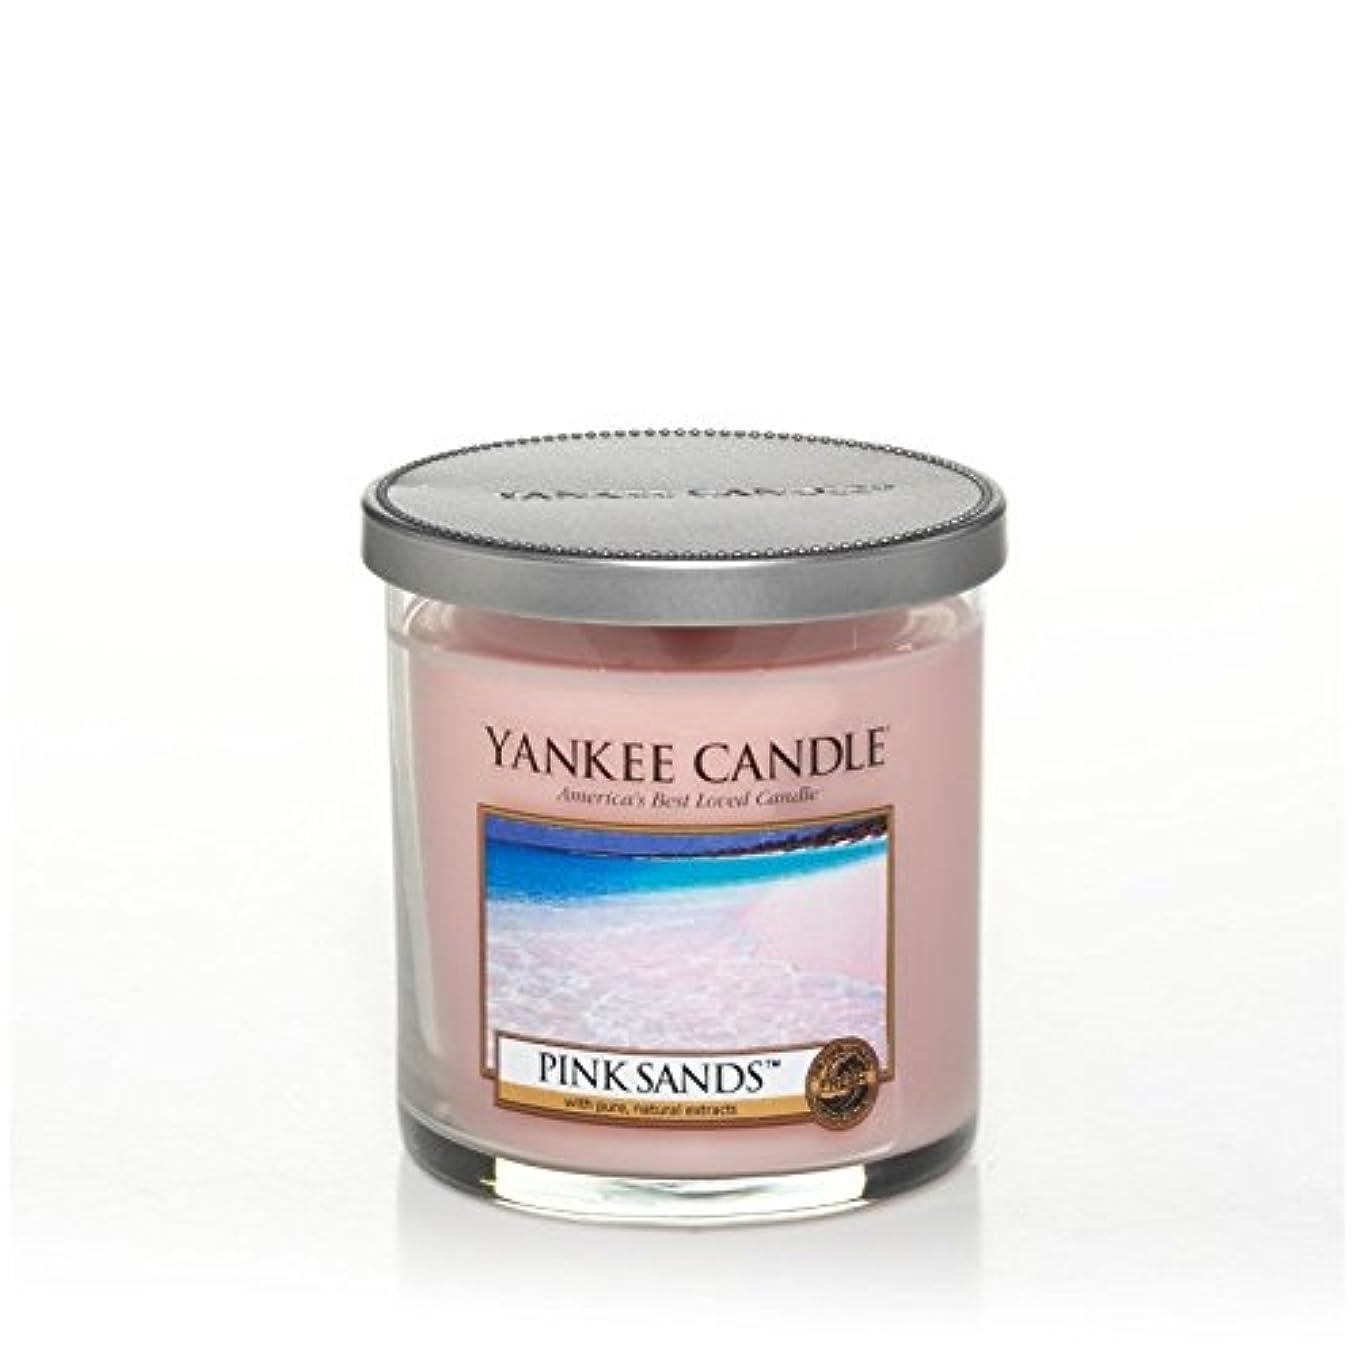 ゲスト豆腐評決Yankee Candles Small Pillar Candle - Pink Sands? (Pack of 2) - ヤンキーキャンドルの小さな柱キャンドル - ピンクの砂? (x2) [並行輸入品]